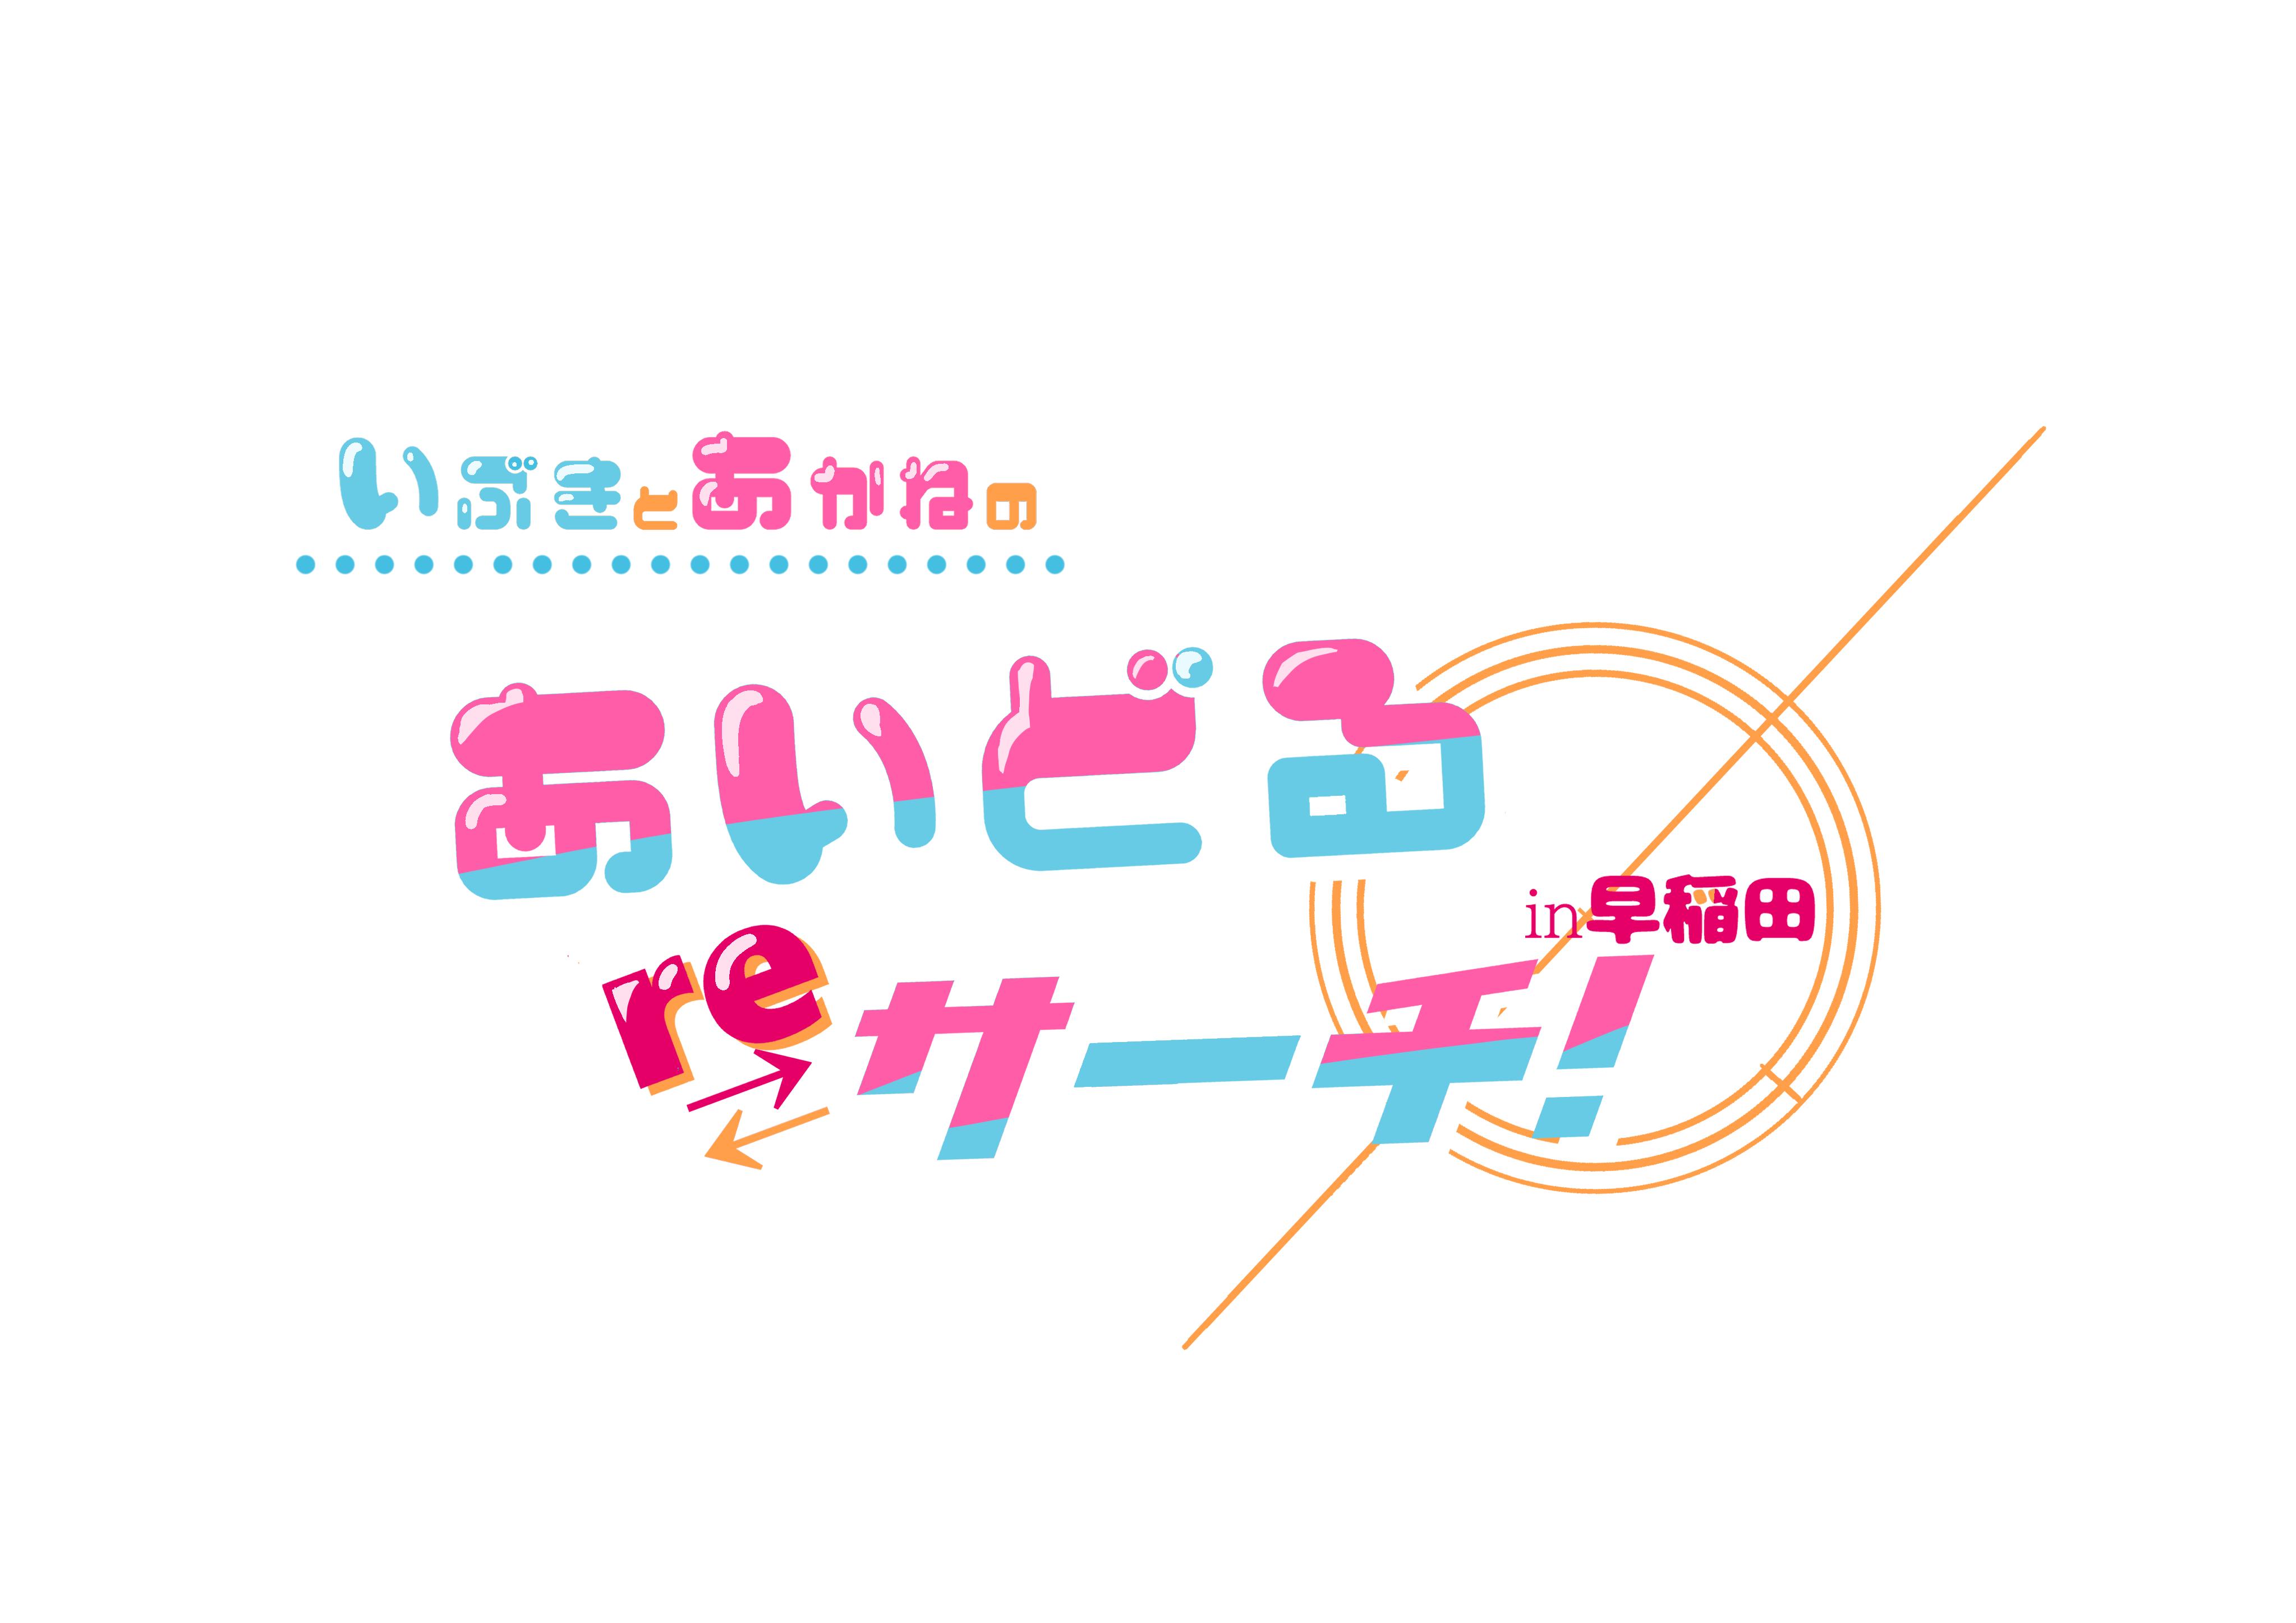 いぶきとあかねのあいどるre⇄サーチ! in 早稲田